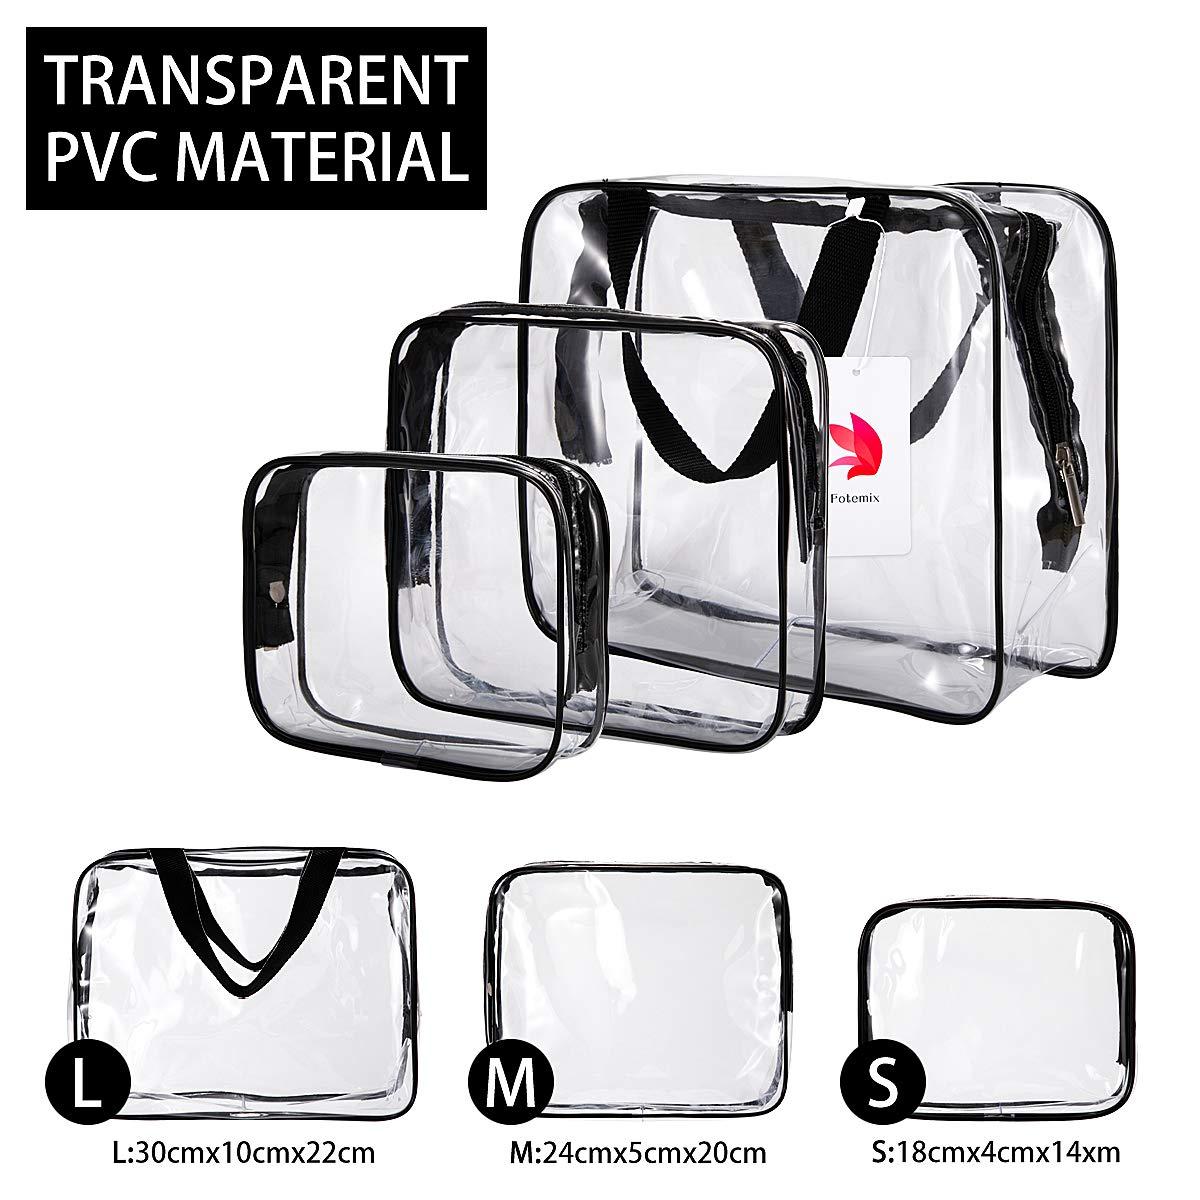 Conjunto de 3 neceseres o bolsas de PVC resistente con 3 tamaños.